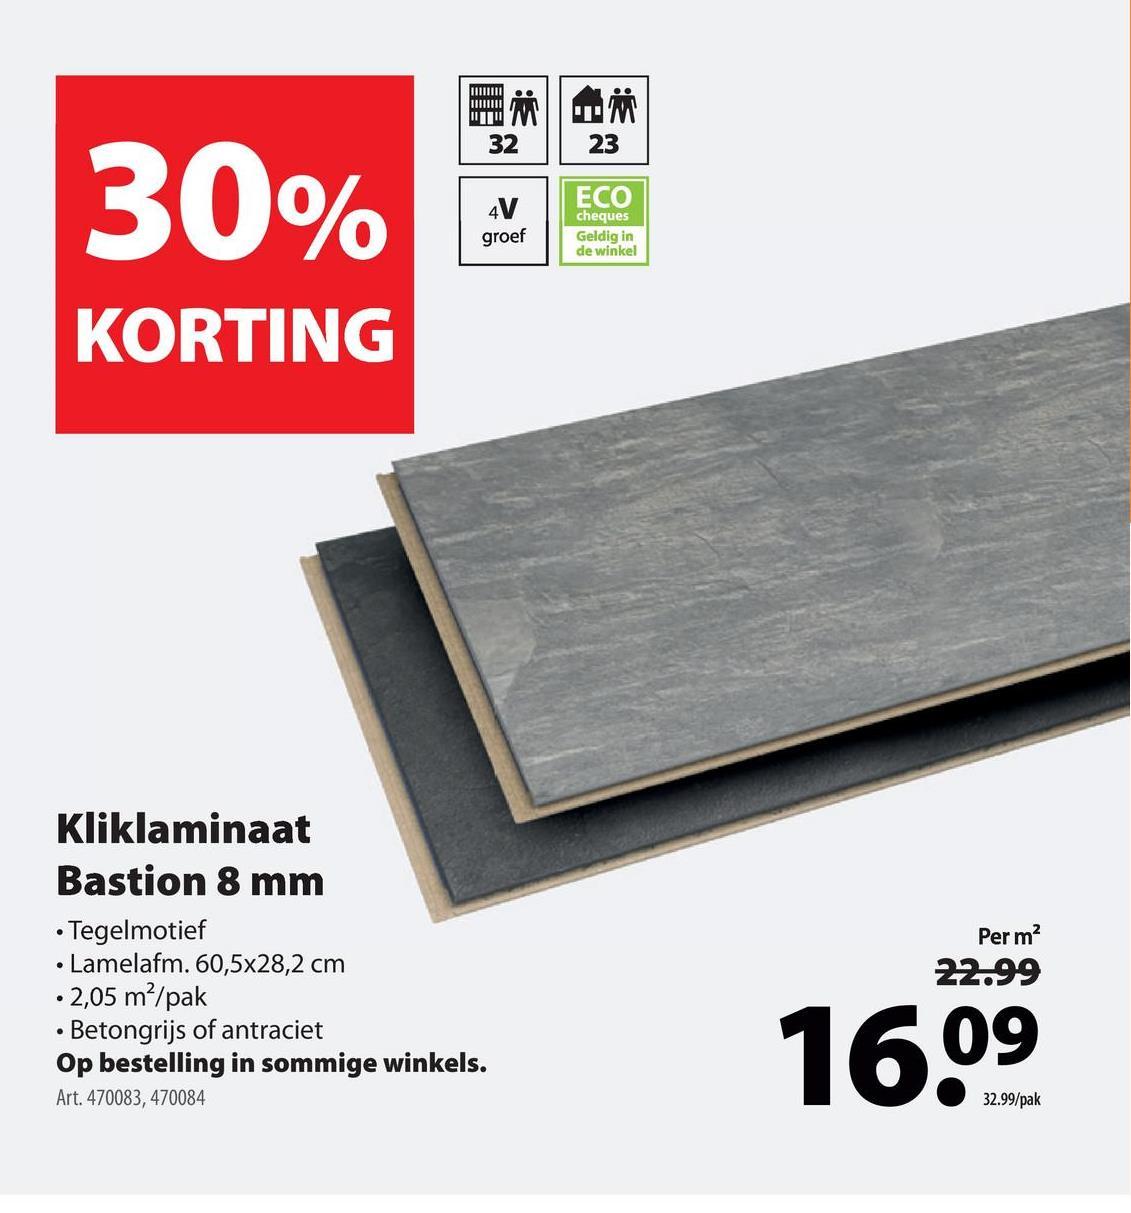 Laminaat Bastion 8 mm 4 V-groef antraciet 2,05 m² Het laminaat Bastion met V-groef in de kleur antraciet is een stijlvolle keuze voor elk modern interieur. Dankzij het tegeldecor is deze vloer een praktisch alternatief voor een echte tegel- of gietvloer. De groef en de voelbare houtstructuur geven deze laminaattegel van 8 millimeter dik daarnaast een natuurlijke uitstraling. Door het kliksysteem is de vloer snel te leggen. Zoals elke GAMMA vloer is het laminaat Bastion eenvoudig te reinigen en daarom goed te onderhouden. Kortom, een prima investering in je interieur. Zeker in combinatie met de bijpassende plinten, die je ook in de webshop van GAMMA vindt. Ook verkrijgbaar in andere tinten.